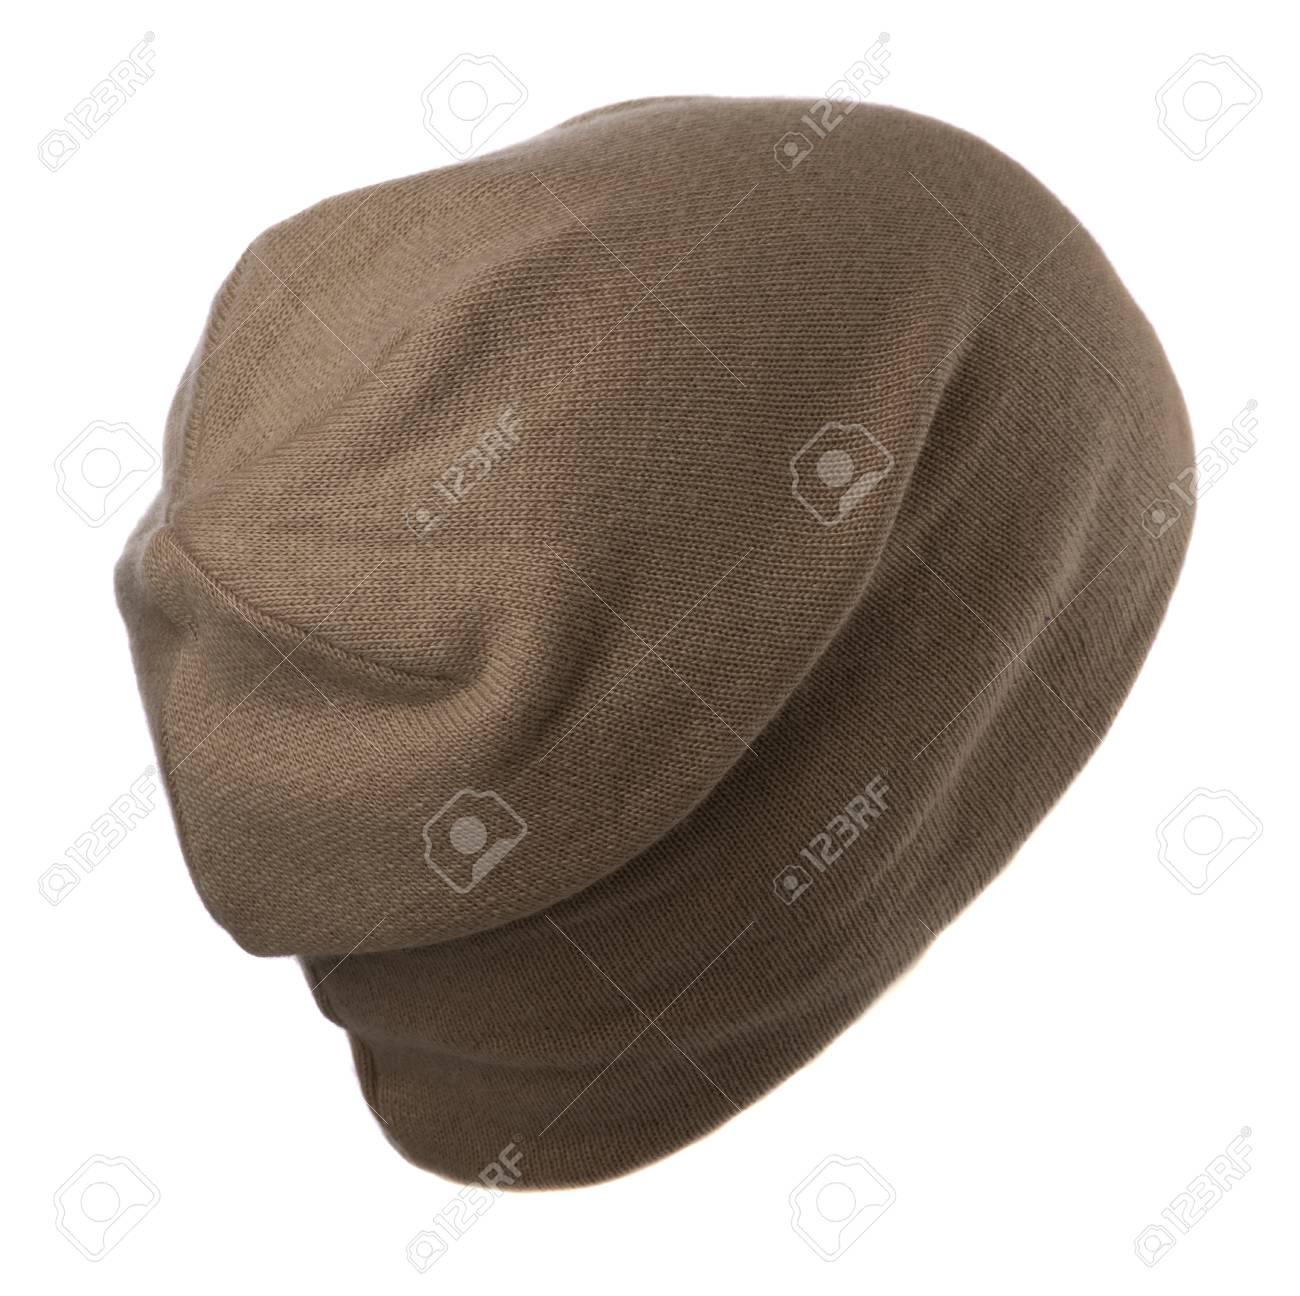 Foto de archivo - Sombrero aislado sobre fondo blanco. sombrero hecho  punto. sombrero marrón. 1eff02f7399